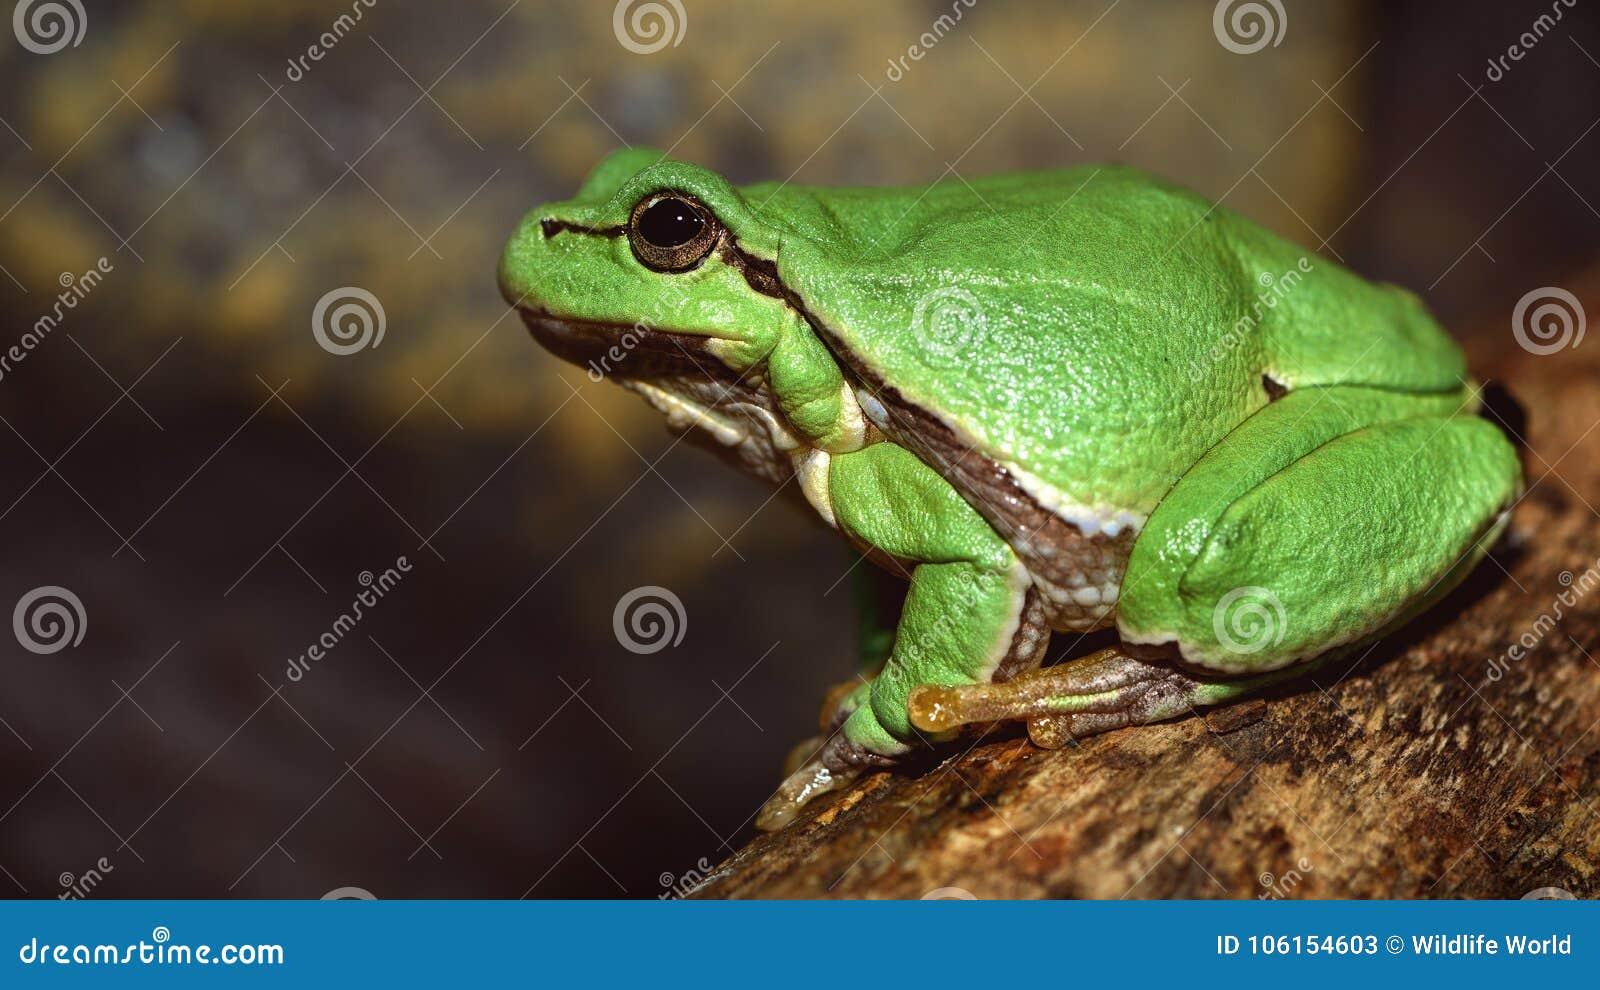 欧洲绿色雨蛙前雨蛙arborea蛙属arborea